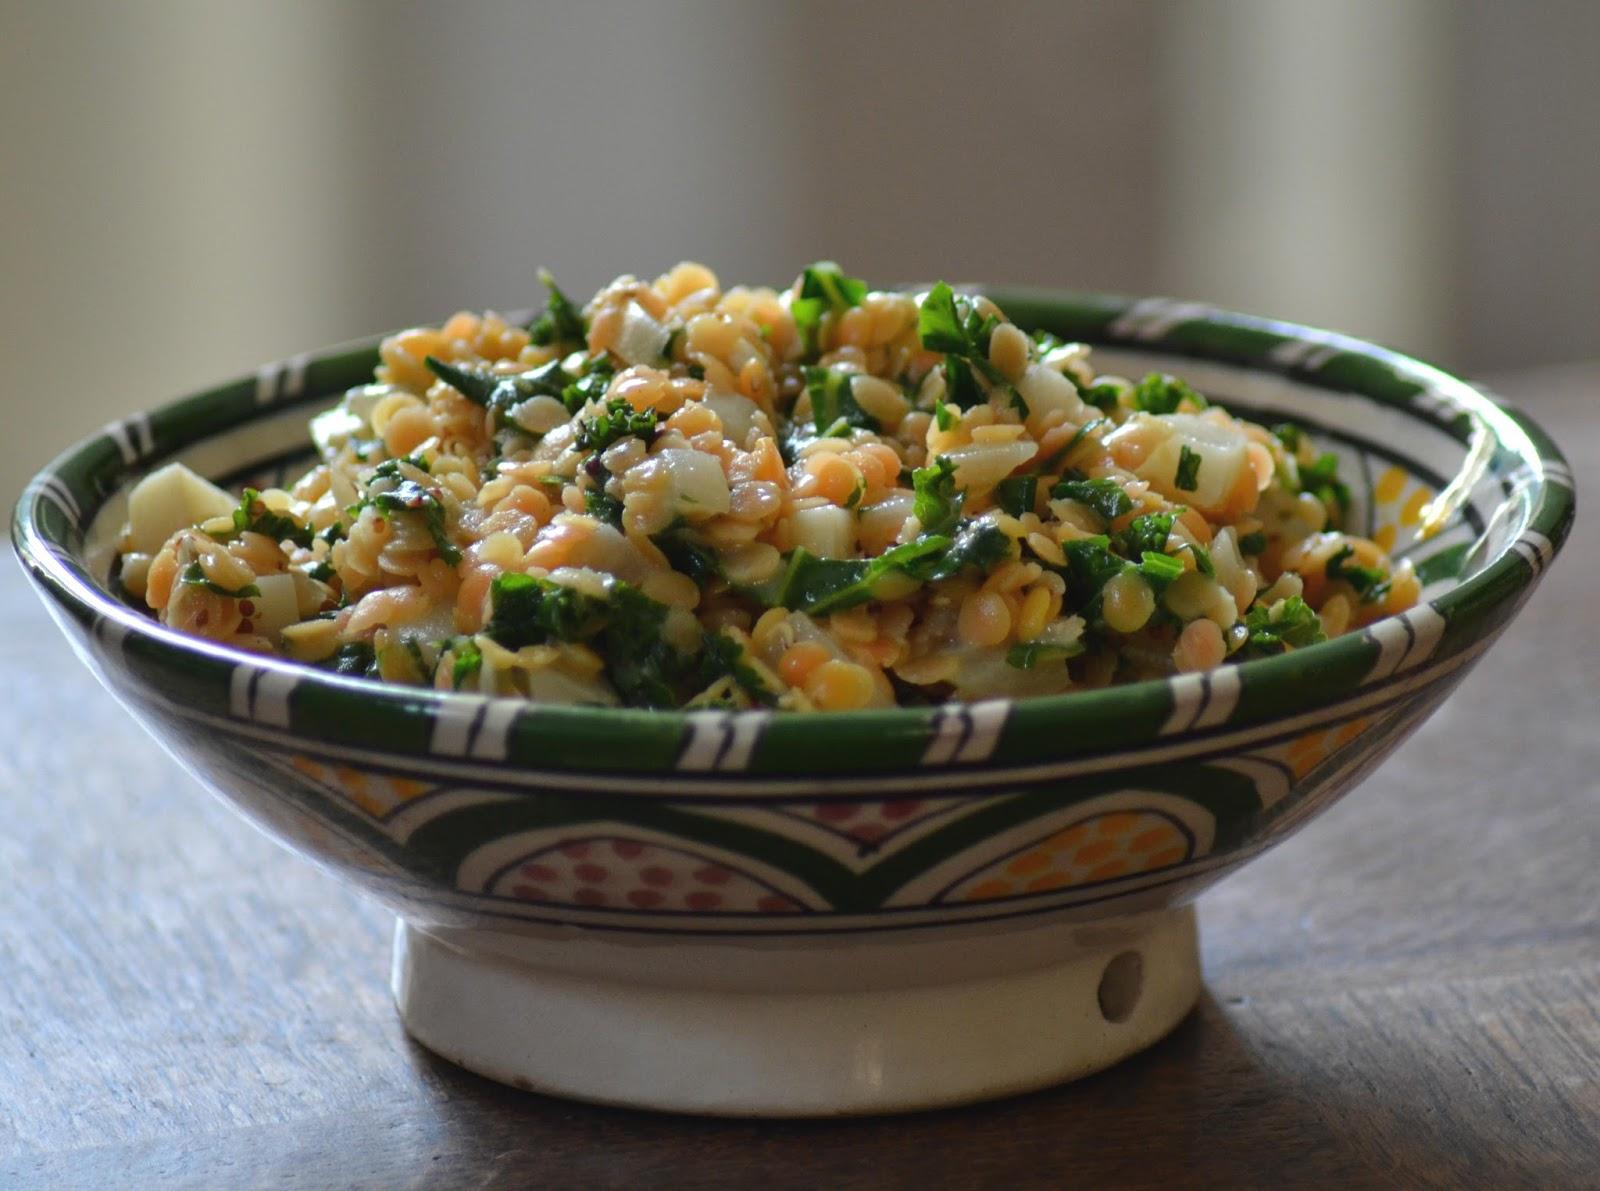 Vegetarische linzenschotel met mosterd en boerenkool